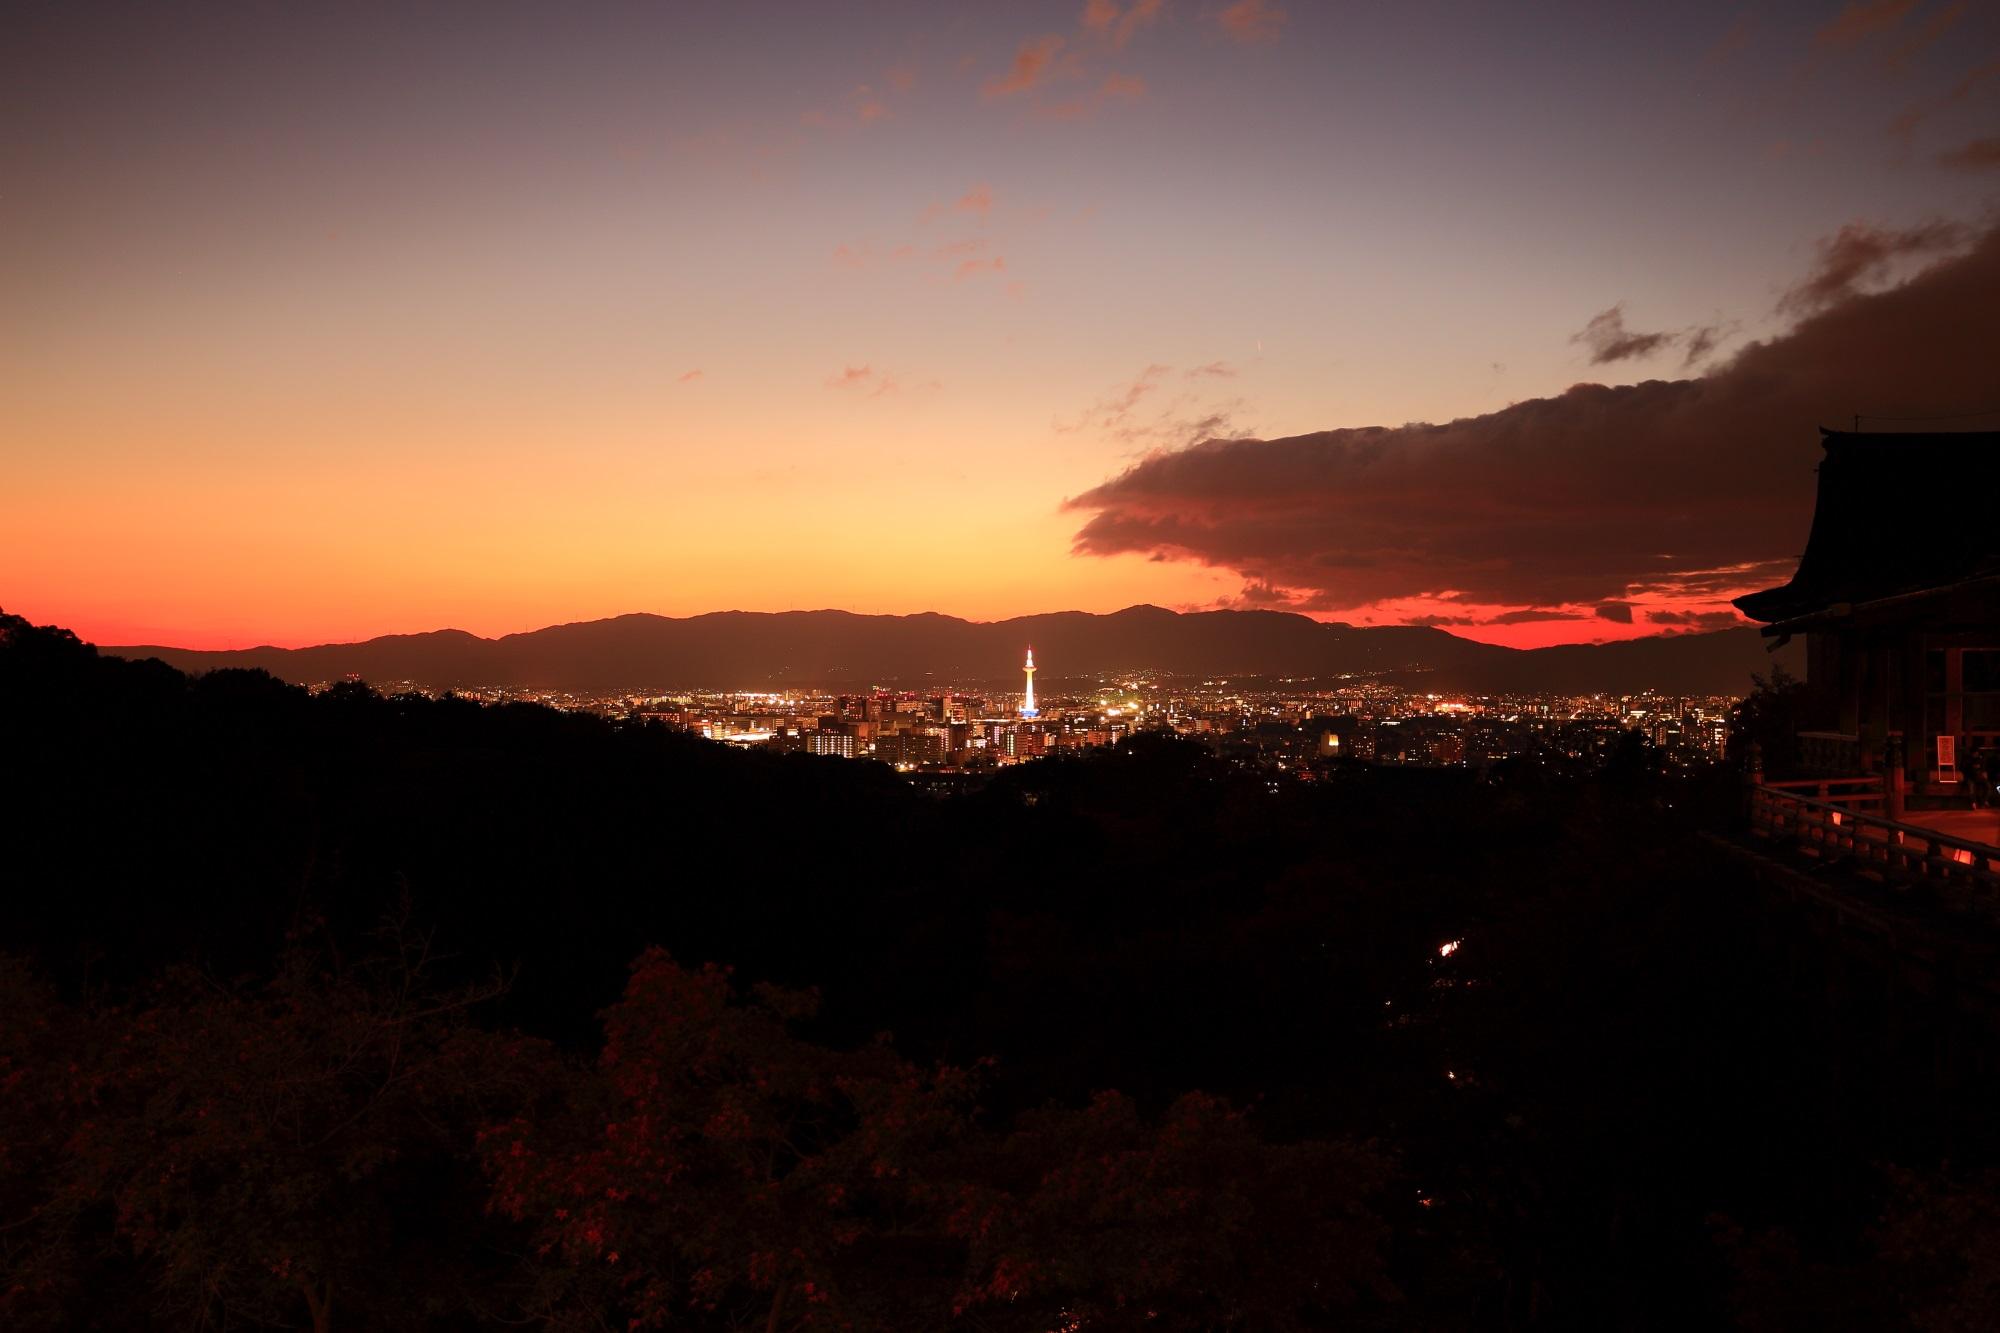 京都タワー 夕焼け 清水寺 幻想的 紅葉